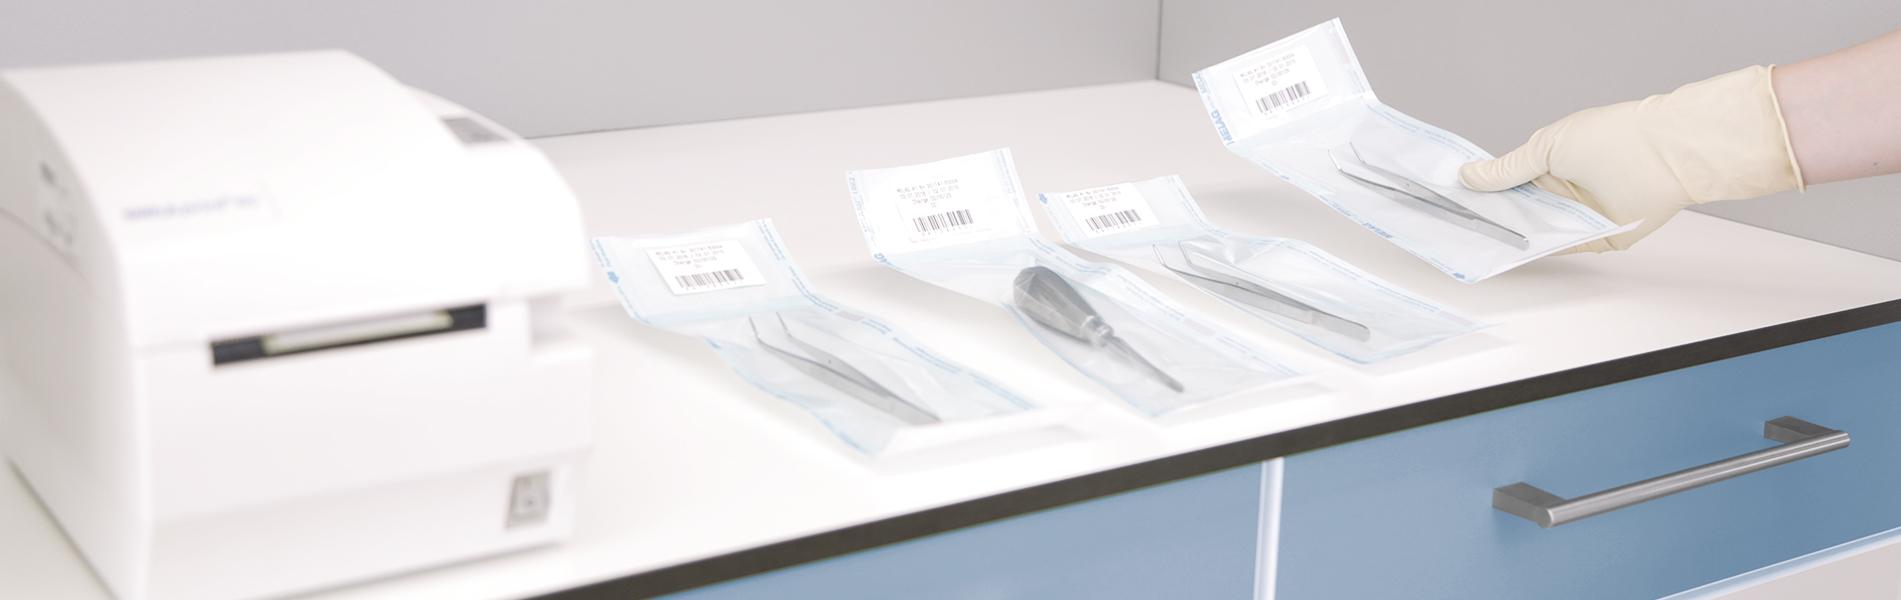 Запечатанные пакеты со стерильными инструментами на столе в стерилизационном отделении